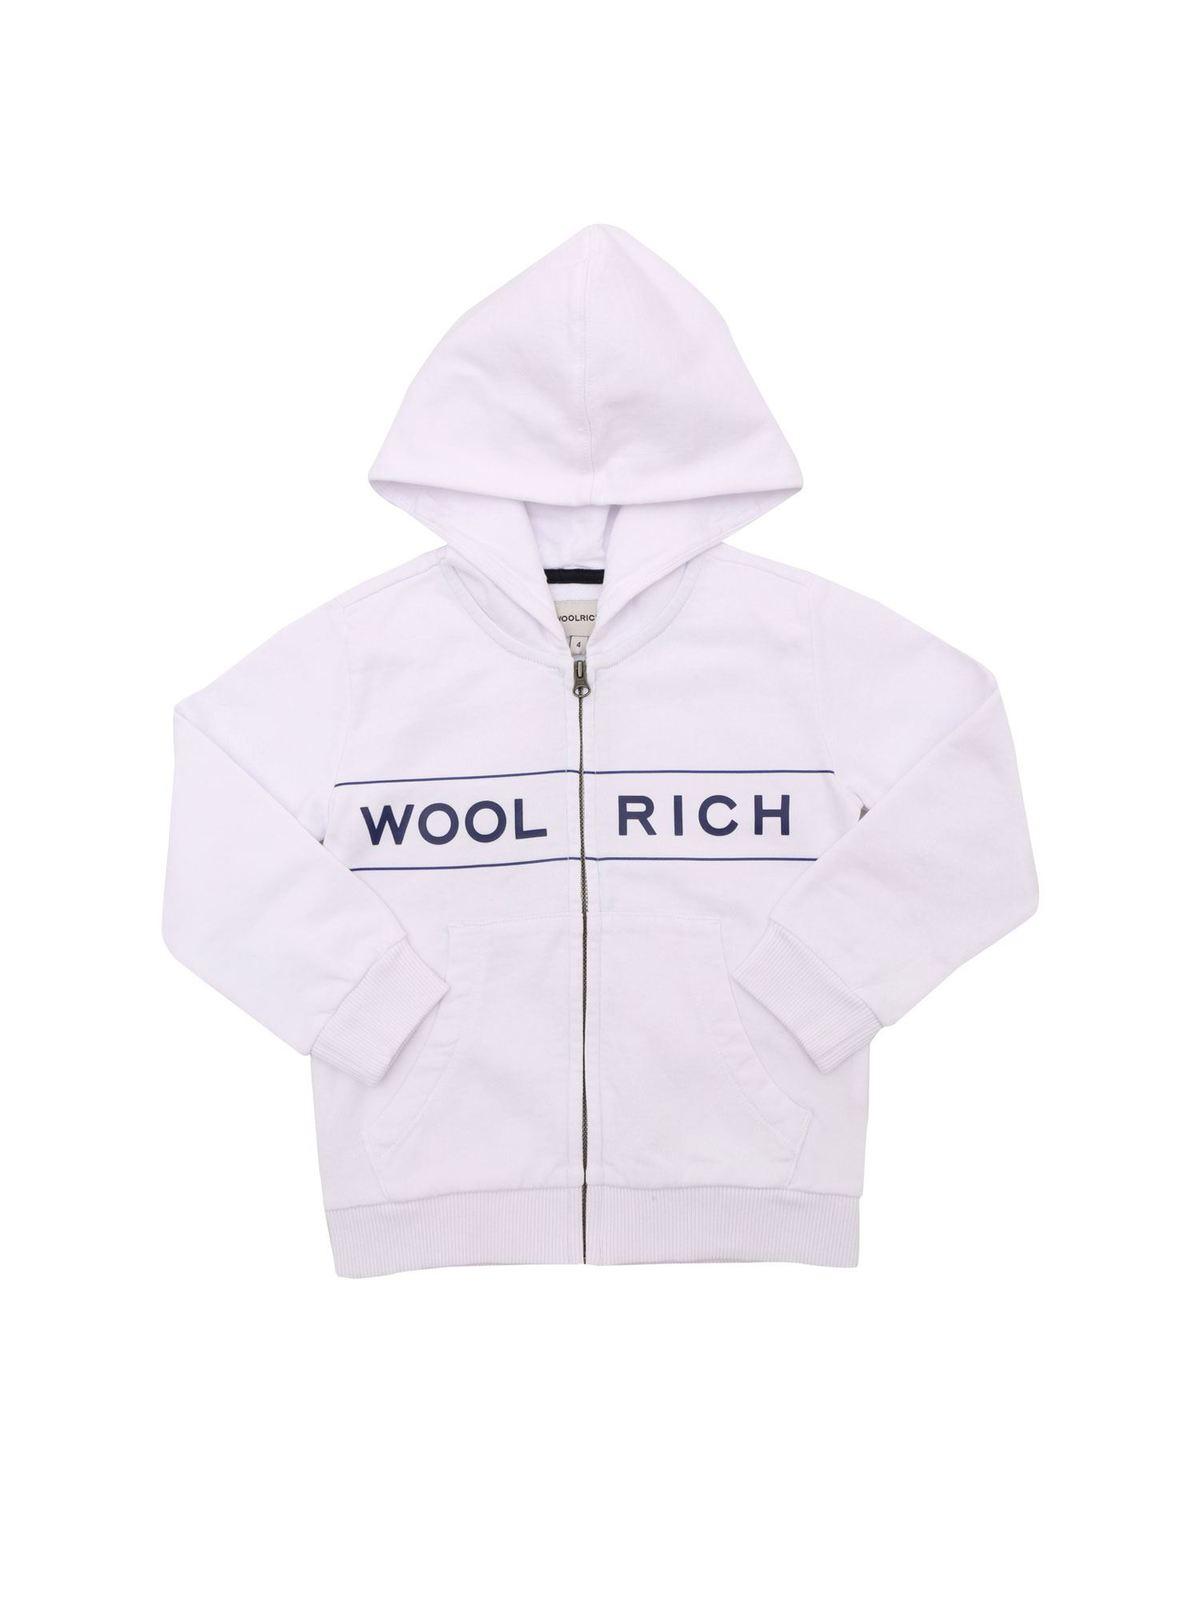 Woolrich LUXE SWEATSHIRT IN WHITE